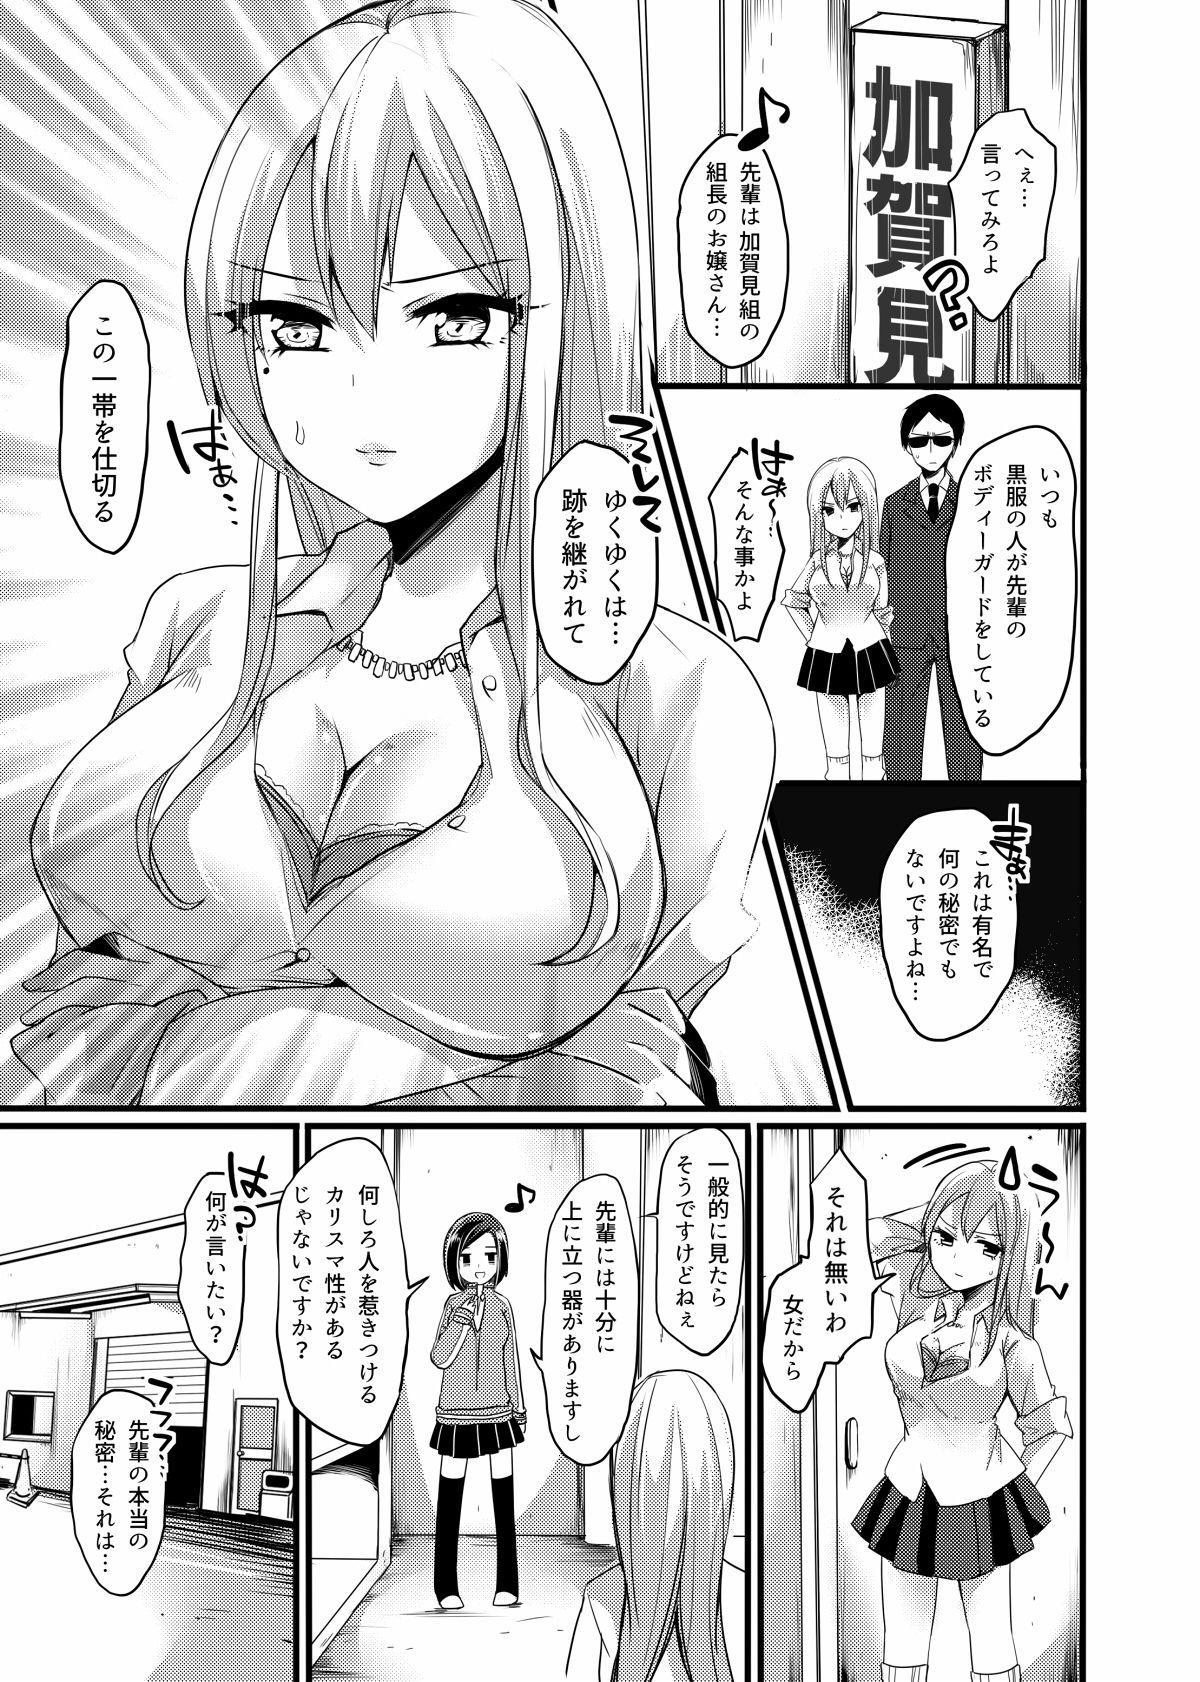 Senpai no Himitsu? 5